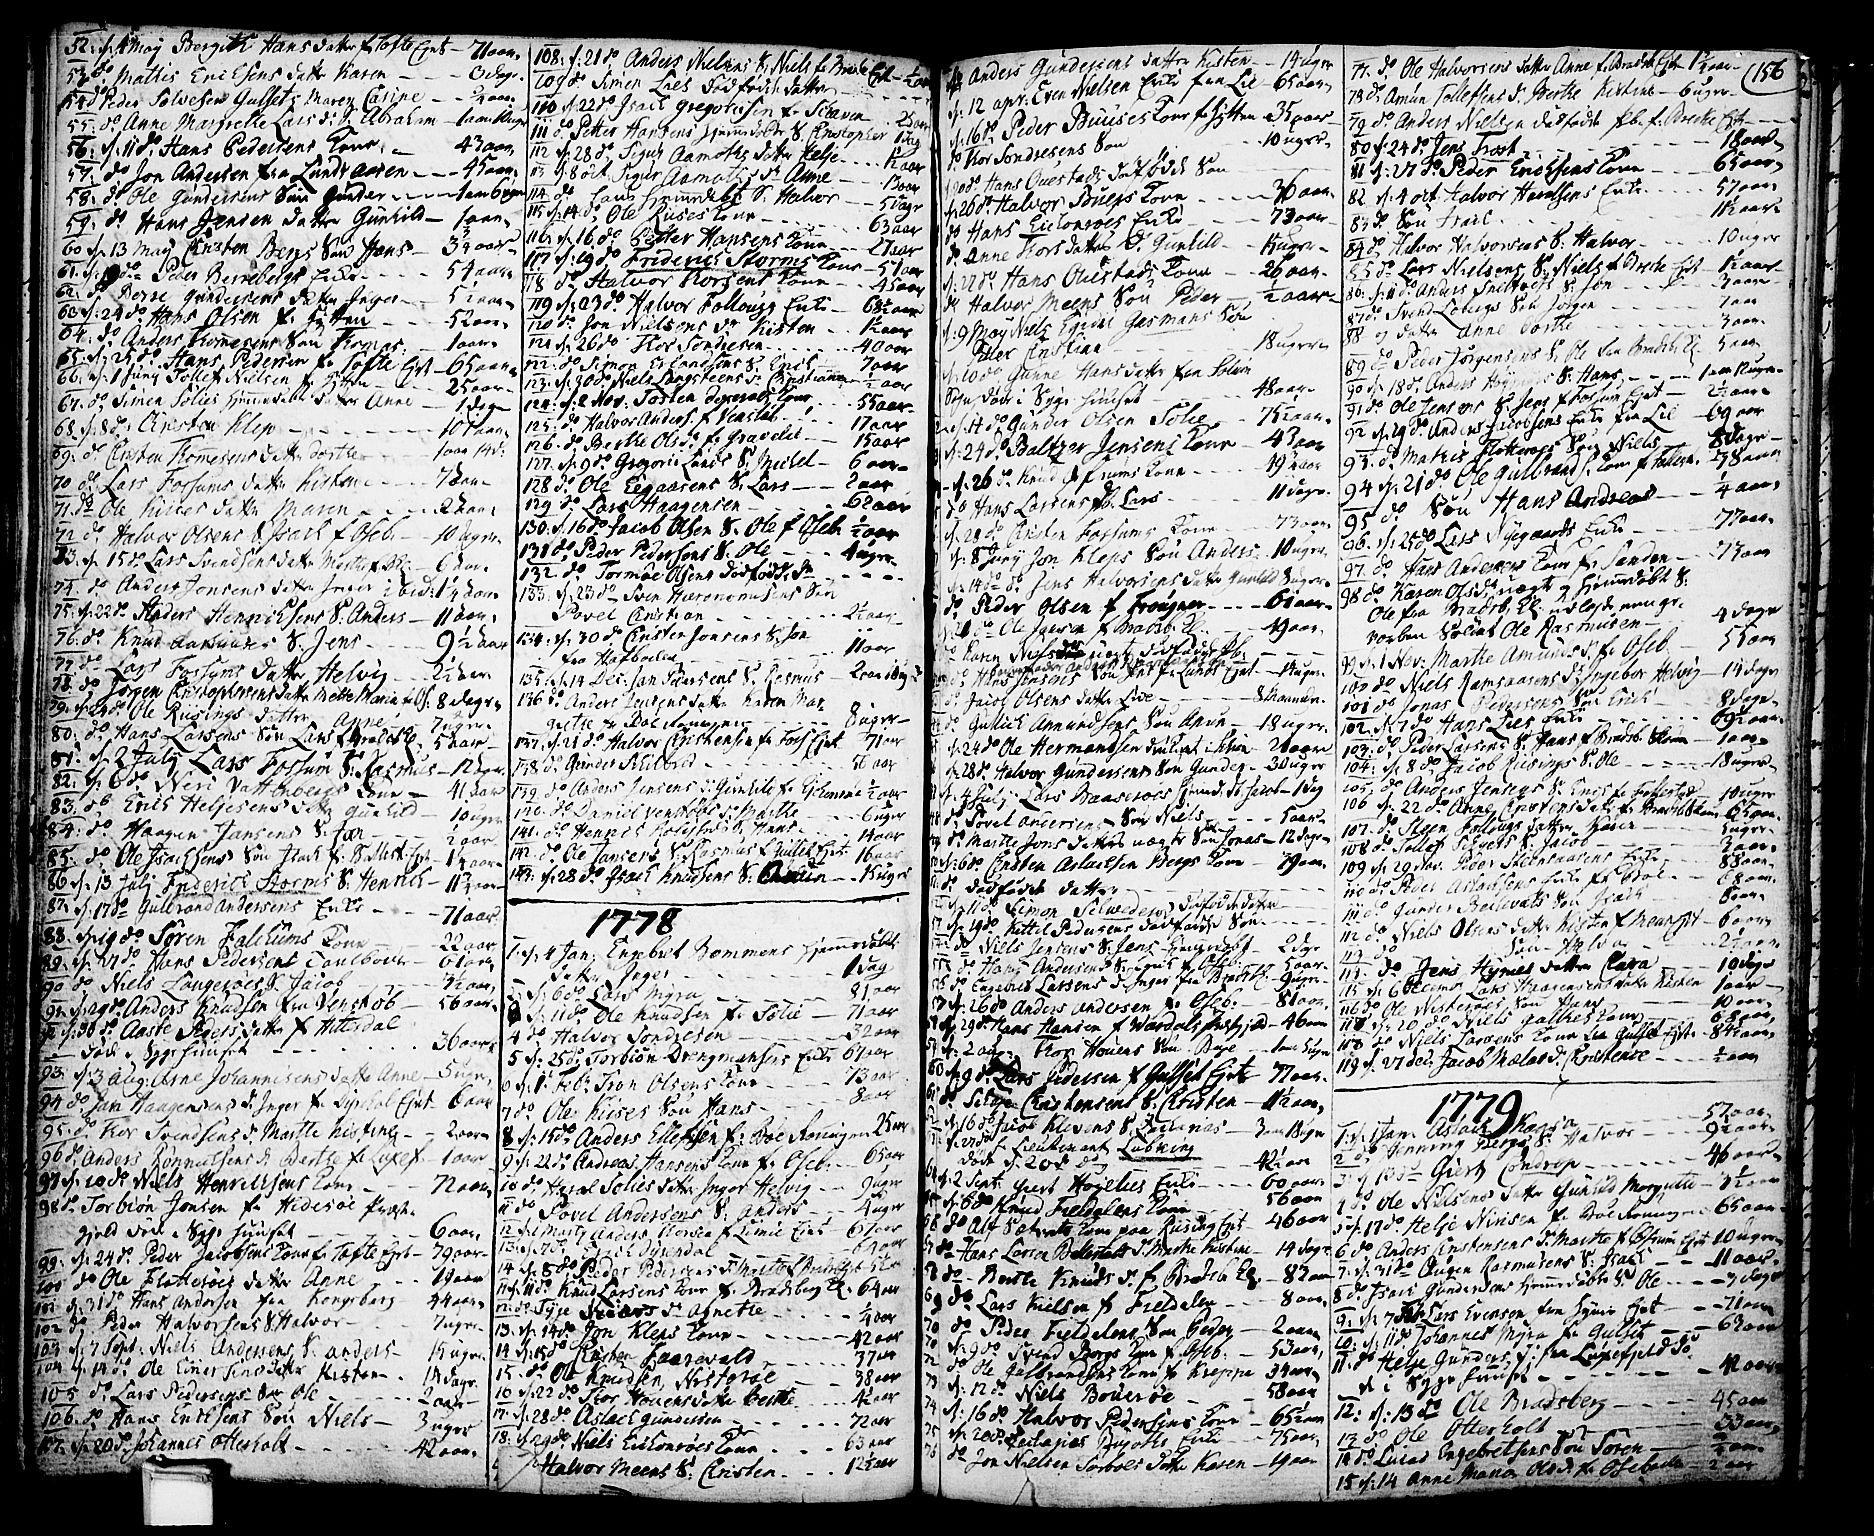 SAKO, Gjerpen kirkebøker, F/Fa/L0002: Ministerialbok nr. 2, 1747-1795, s. 156